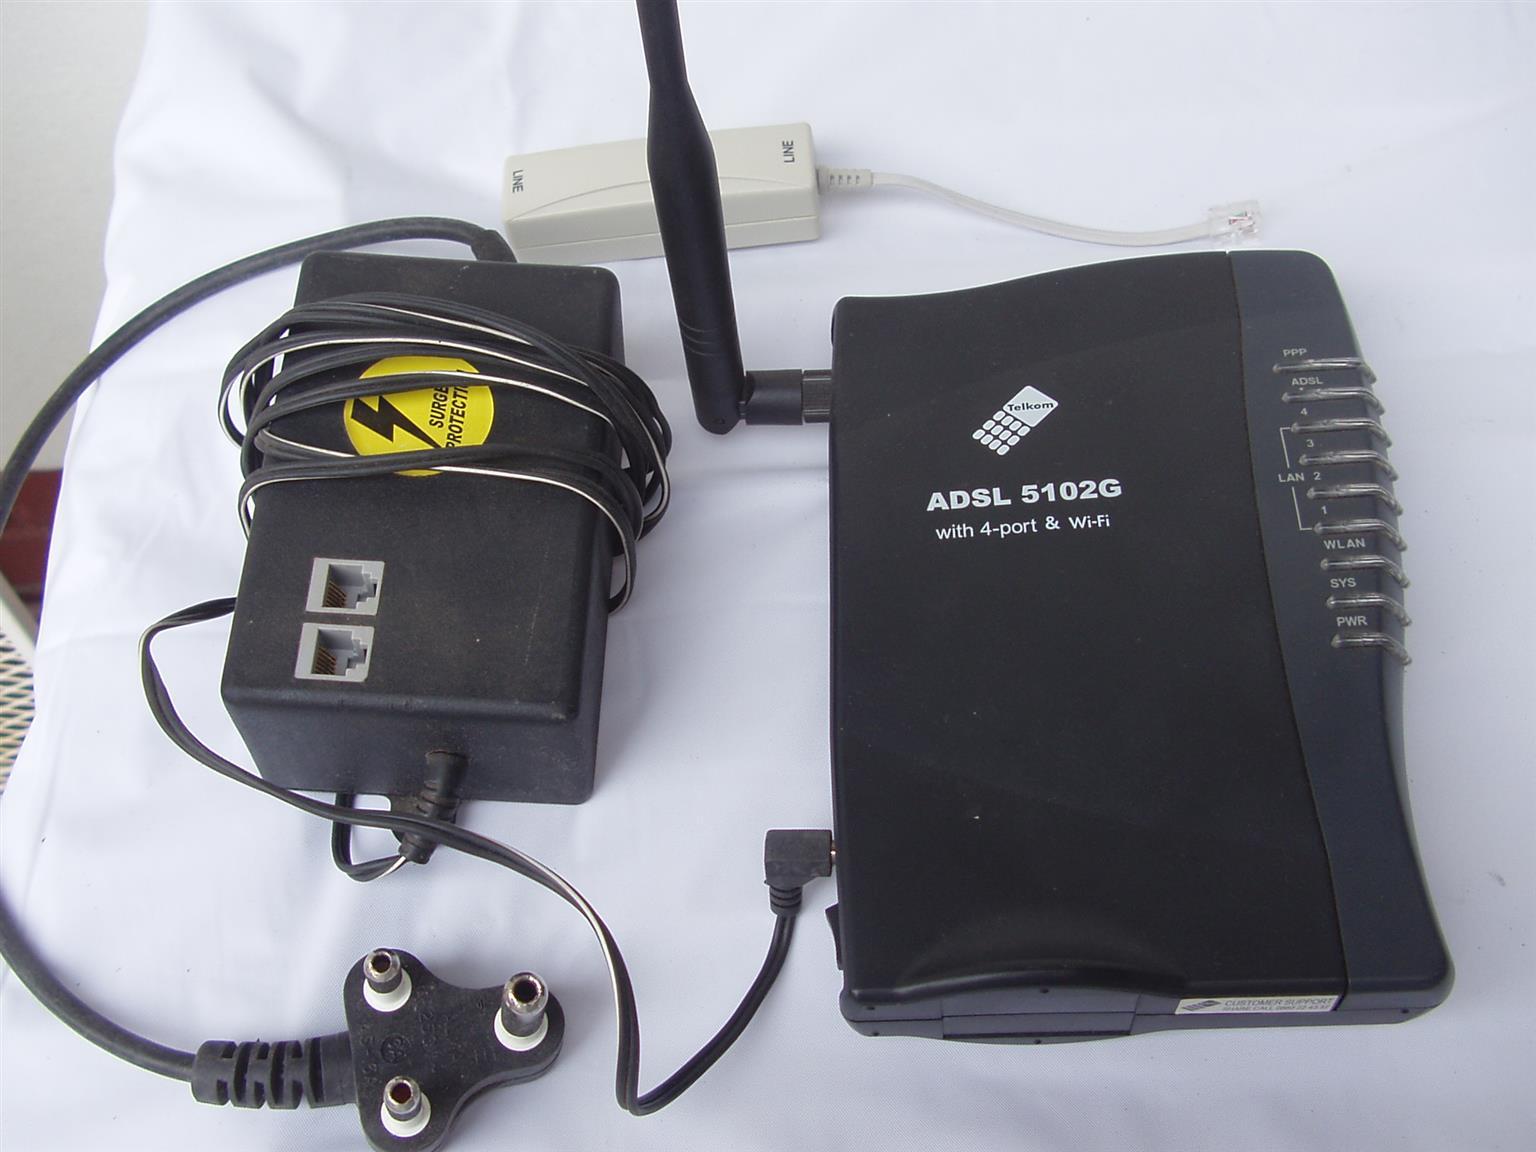 Telkom Wireless Modem - 5102G -with Wi-Fi